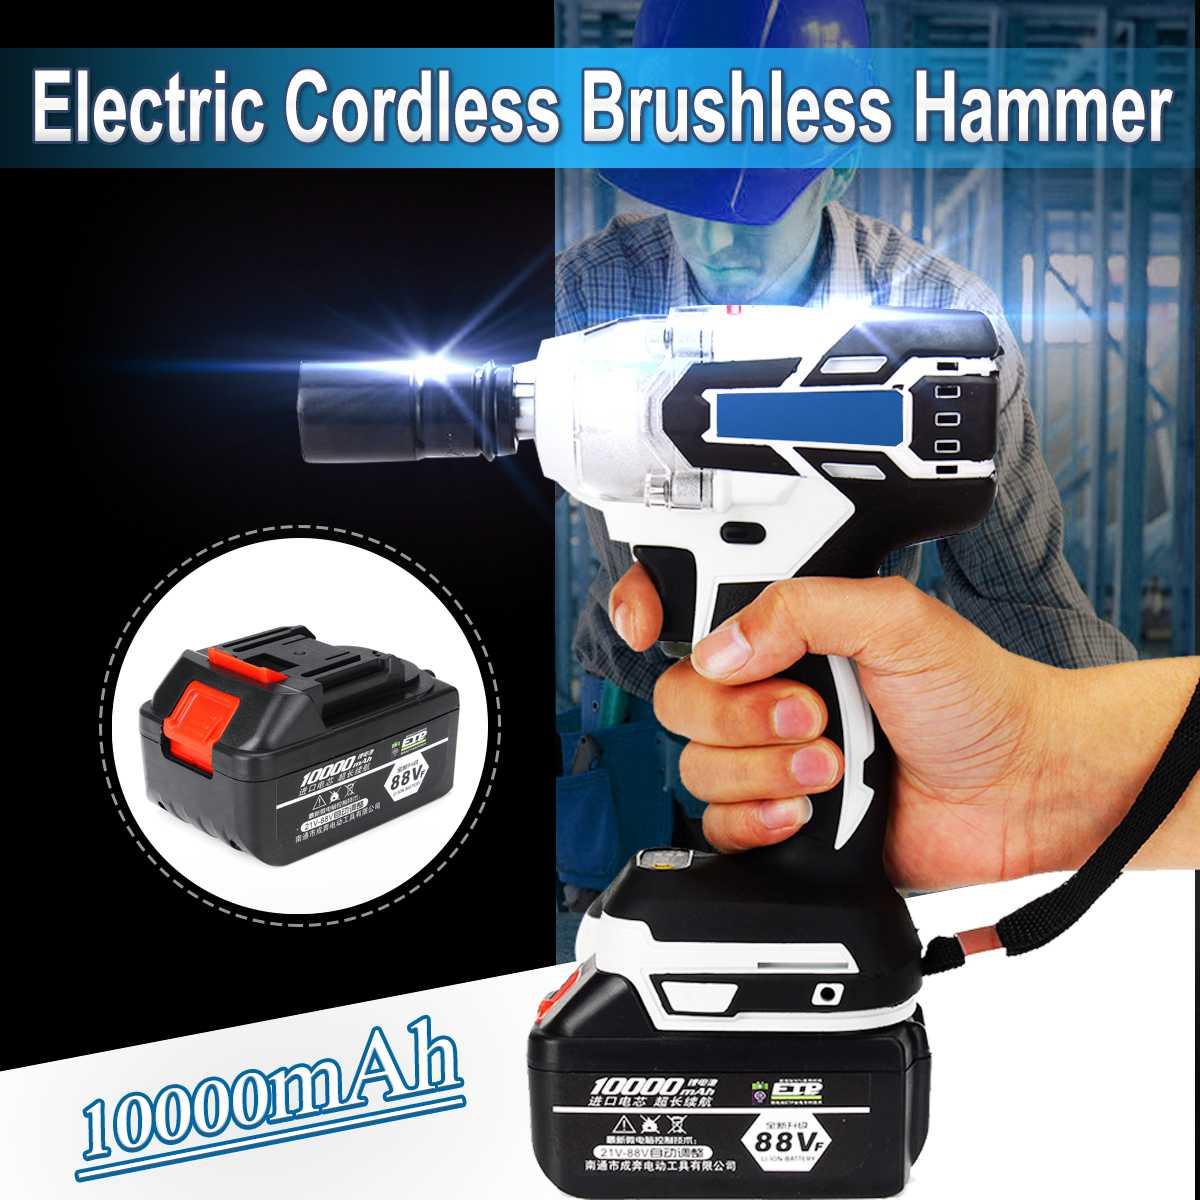 3 en 1 220 V Impact électrique sans fil sans brosse marteau perceuse à main perceuse marteau outil électrique 240-520NM 10000 mAh